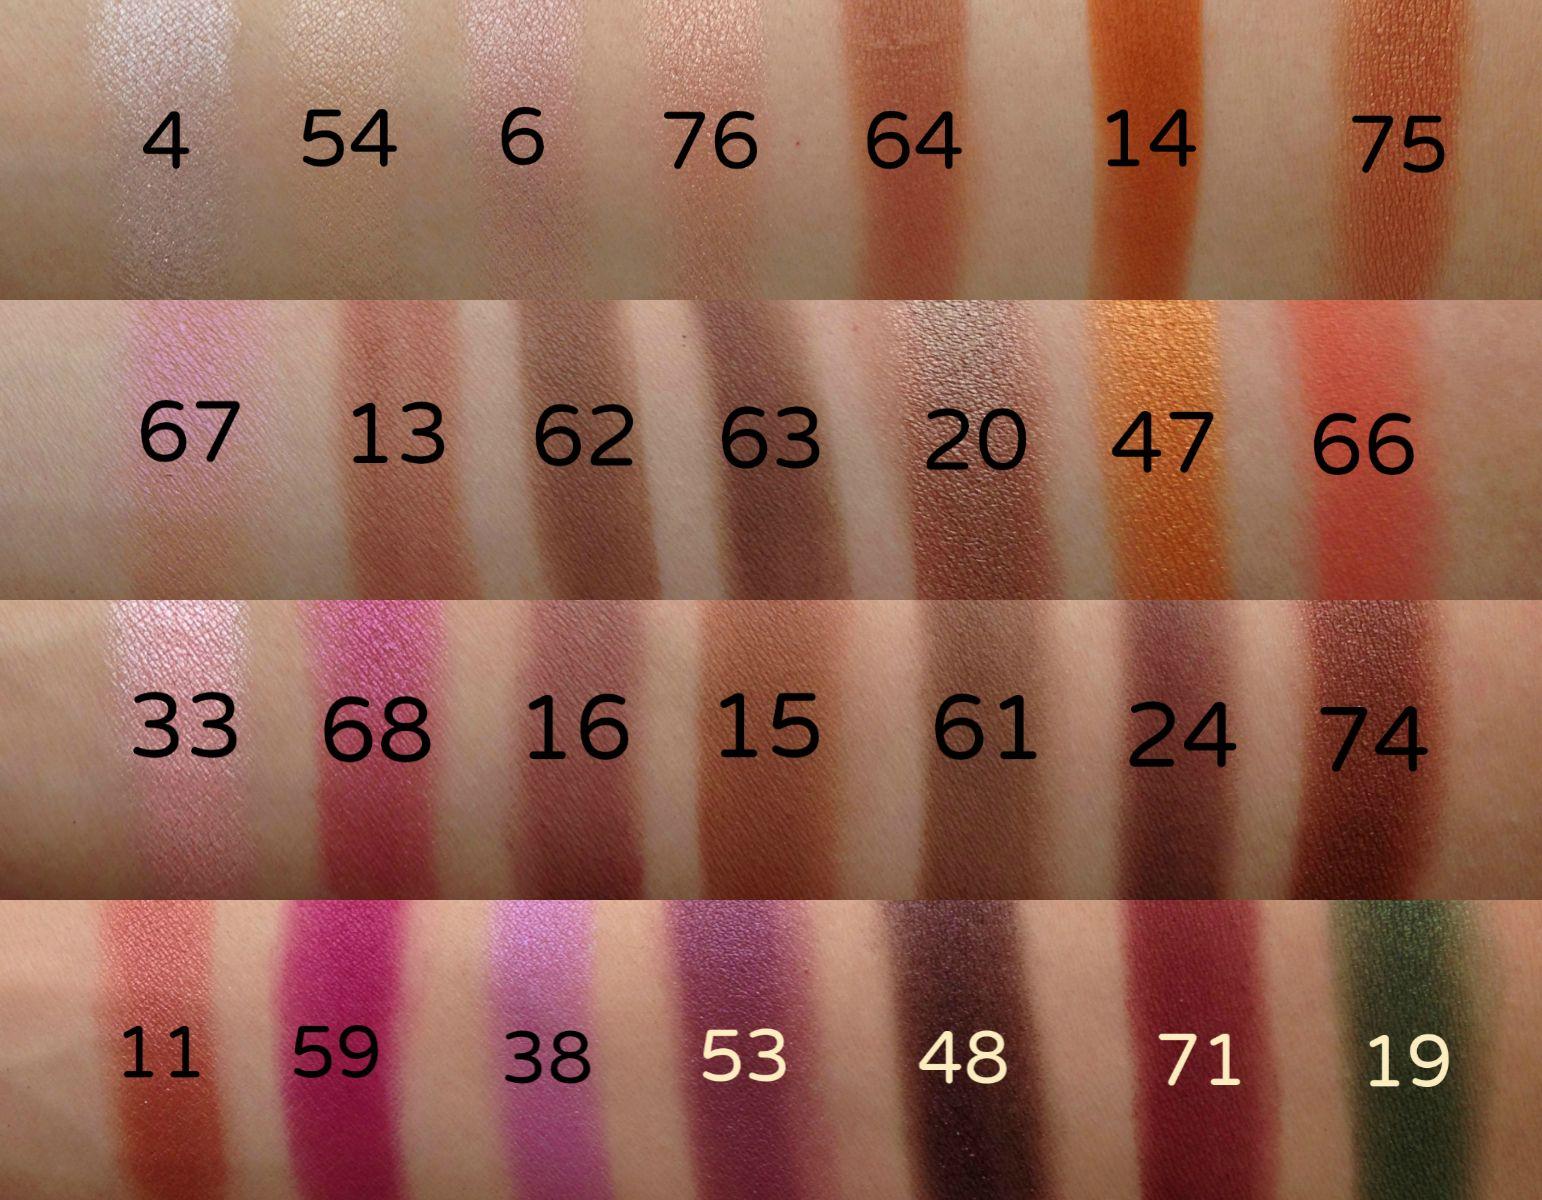 Morphe 35k eyeshadow palette review beauty in bold - Morphe Jaclyn Hill Favorites Palette